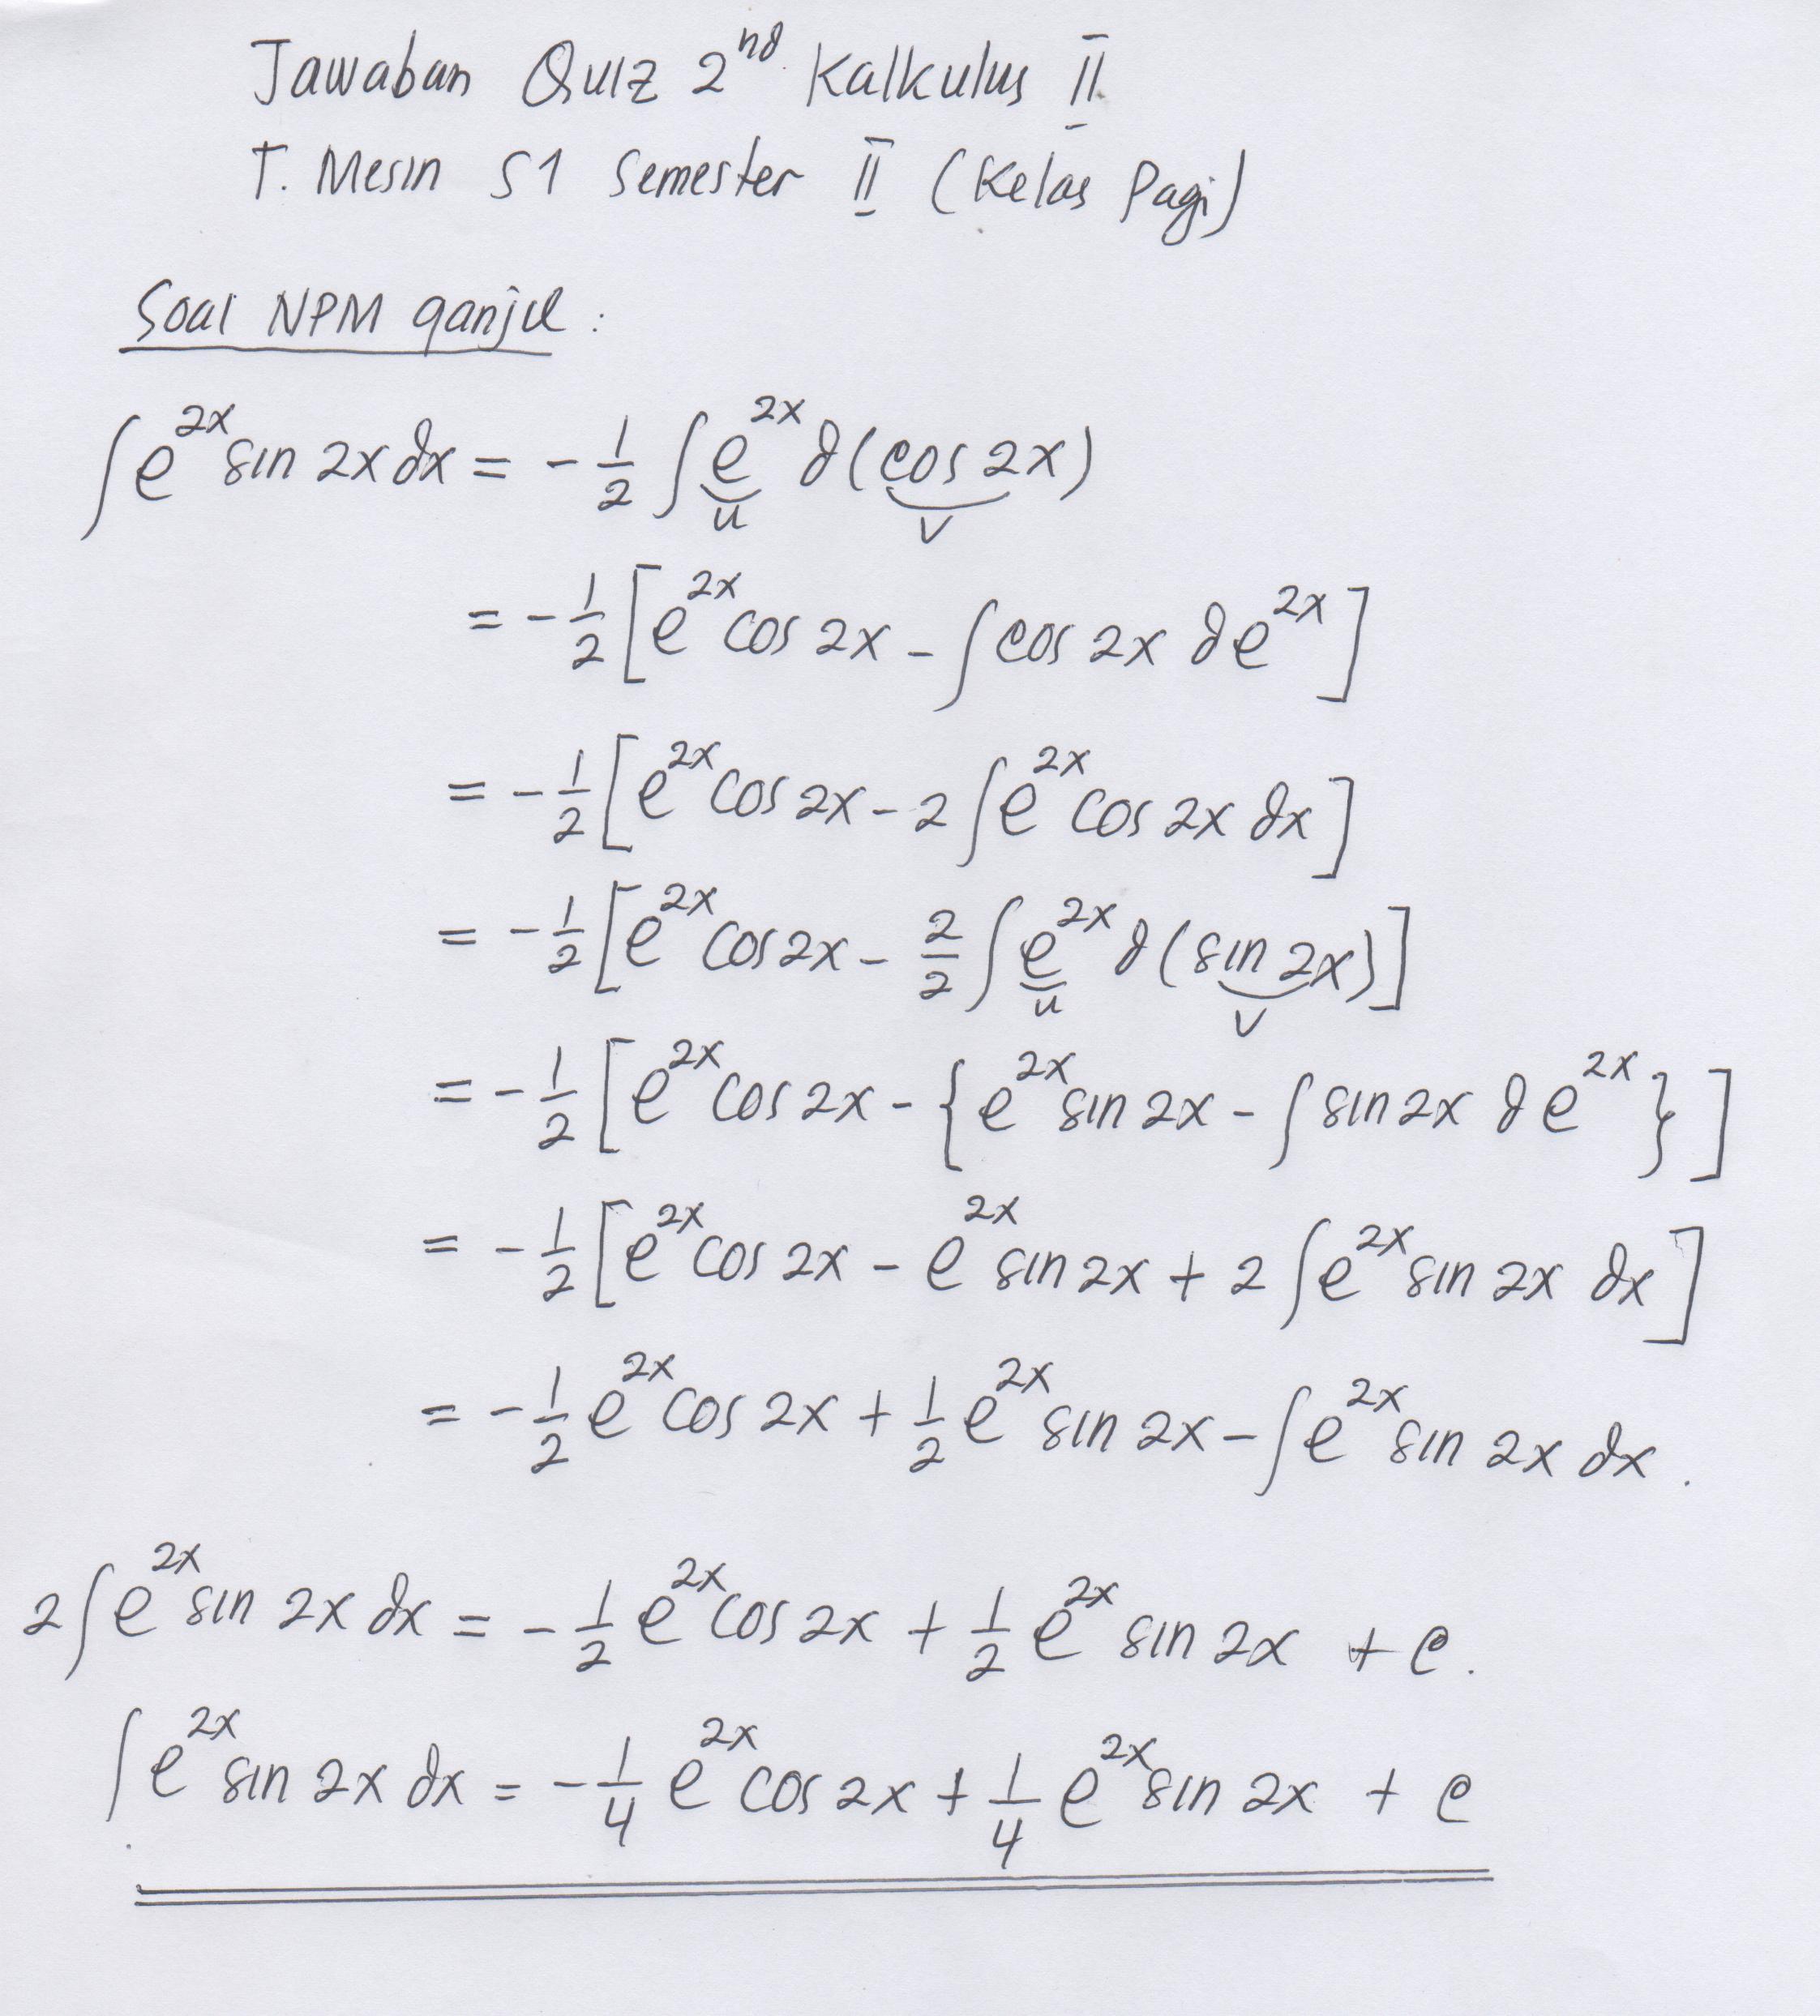 1 inersia 2 f ma dan 3 aksi reaksi beserta contoh soal dan pembahasannya. Jawaban Quiz 2 Kalkulus Ii Kelas Pagi Taufiqur Rokhman